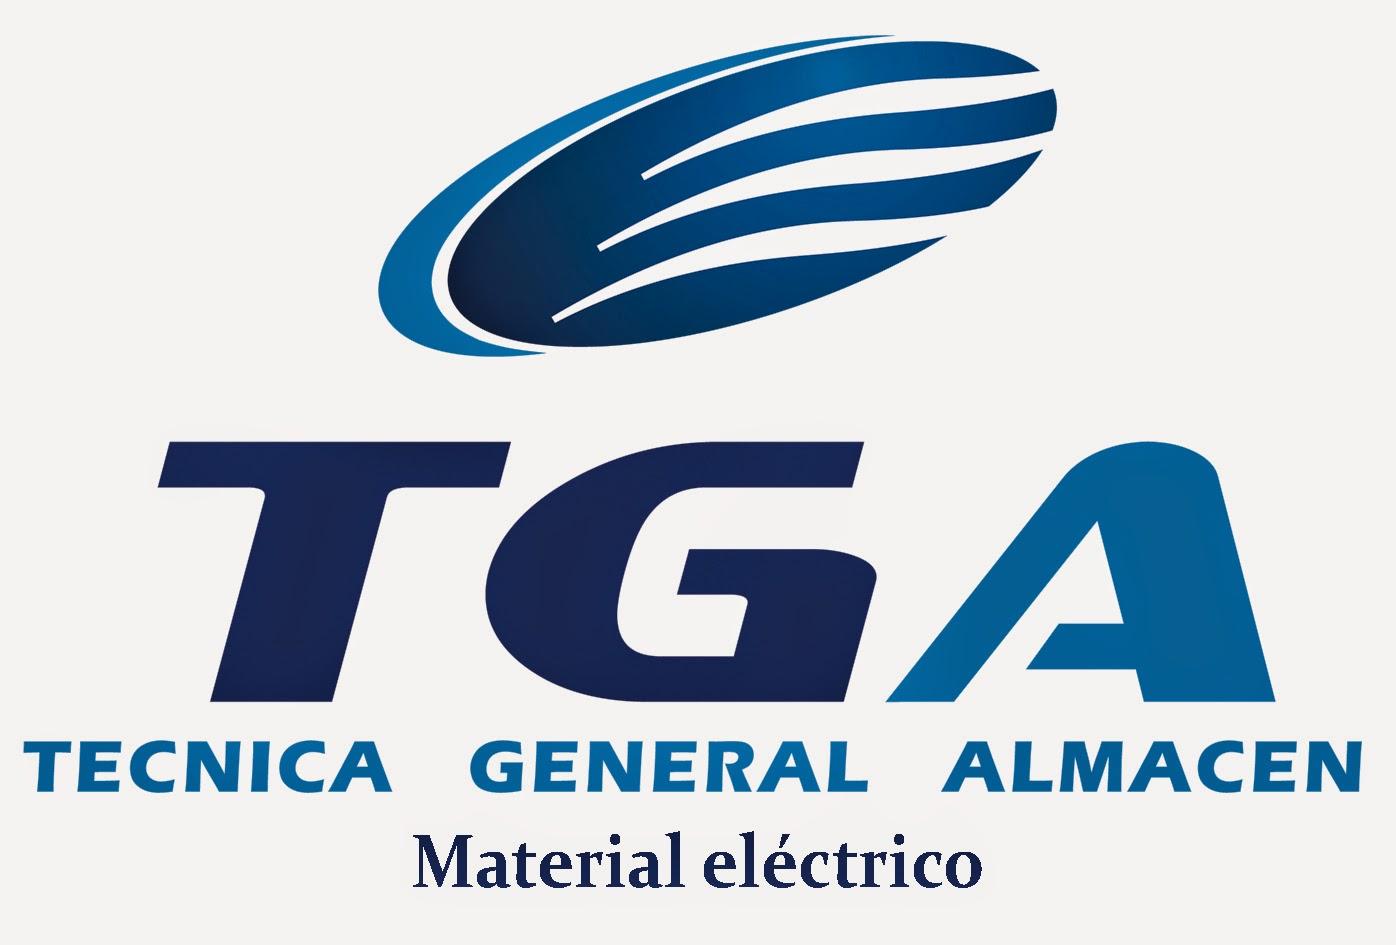 Técnica General Almacen